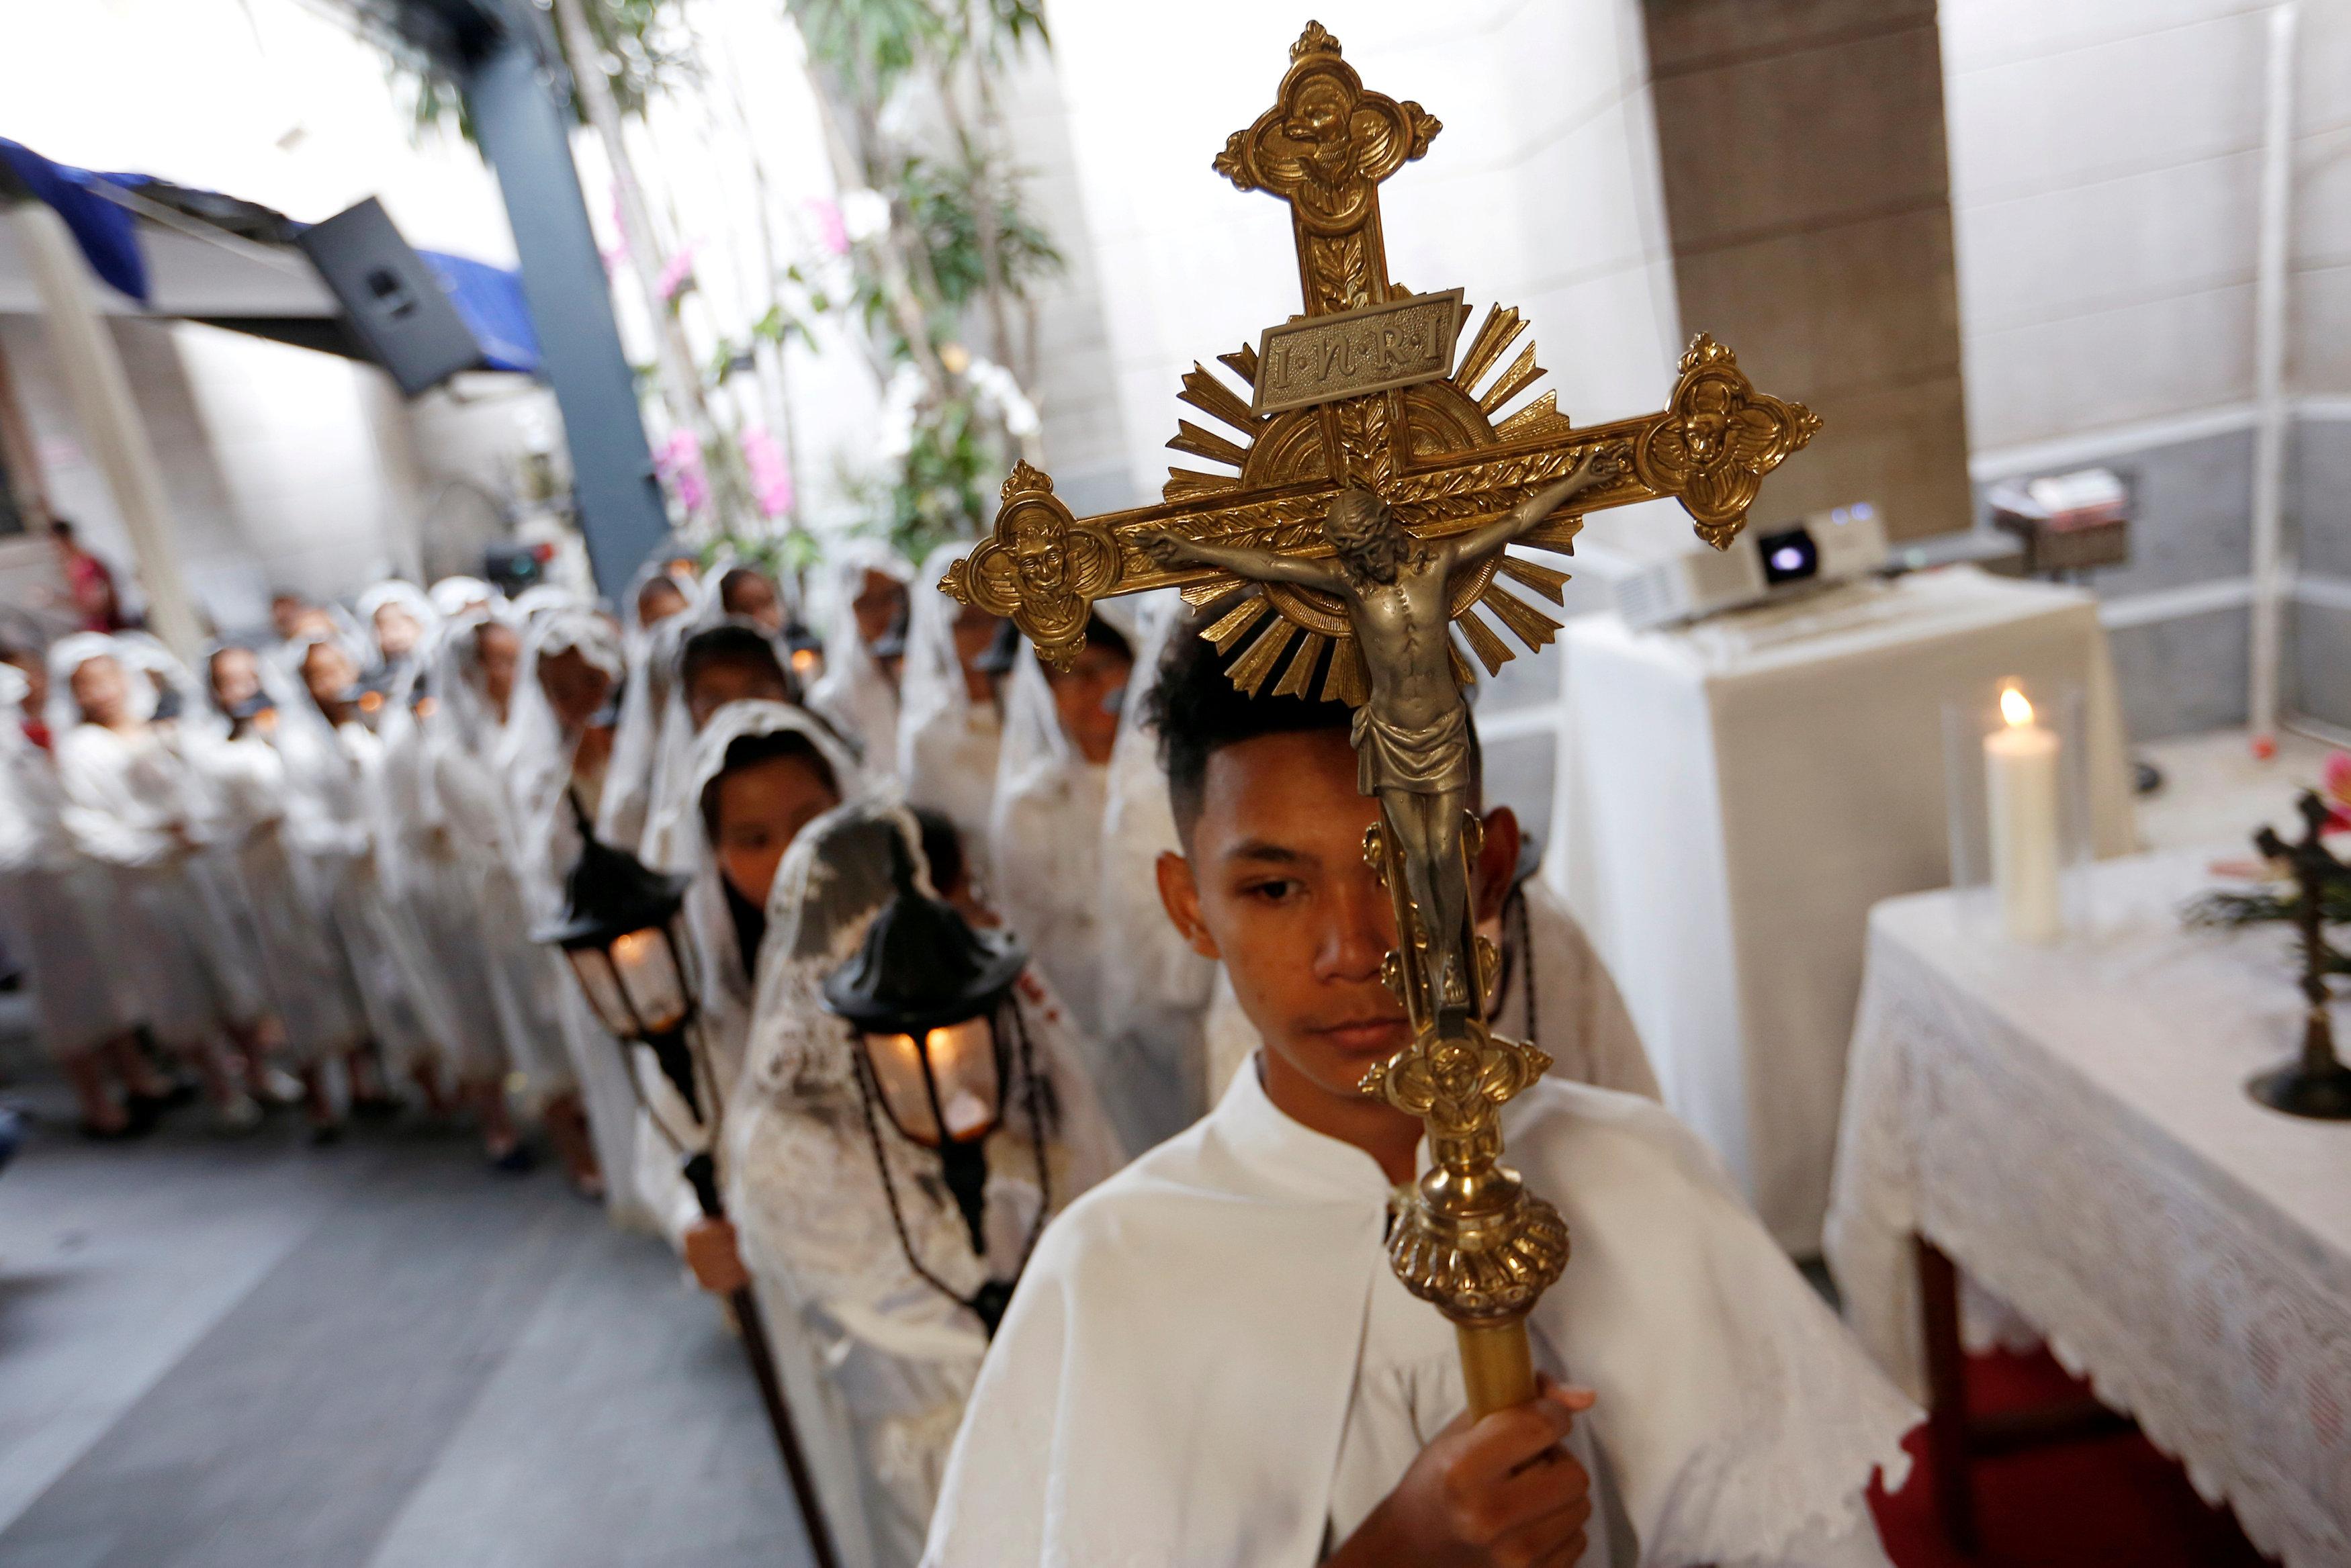 احتفالات المسيحيين فى إندونيسيا